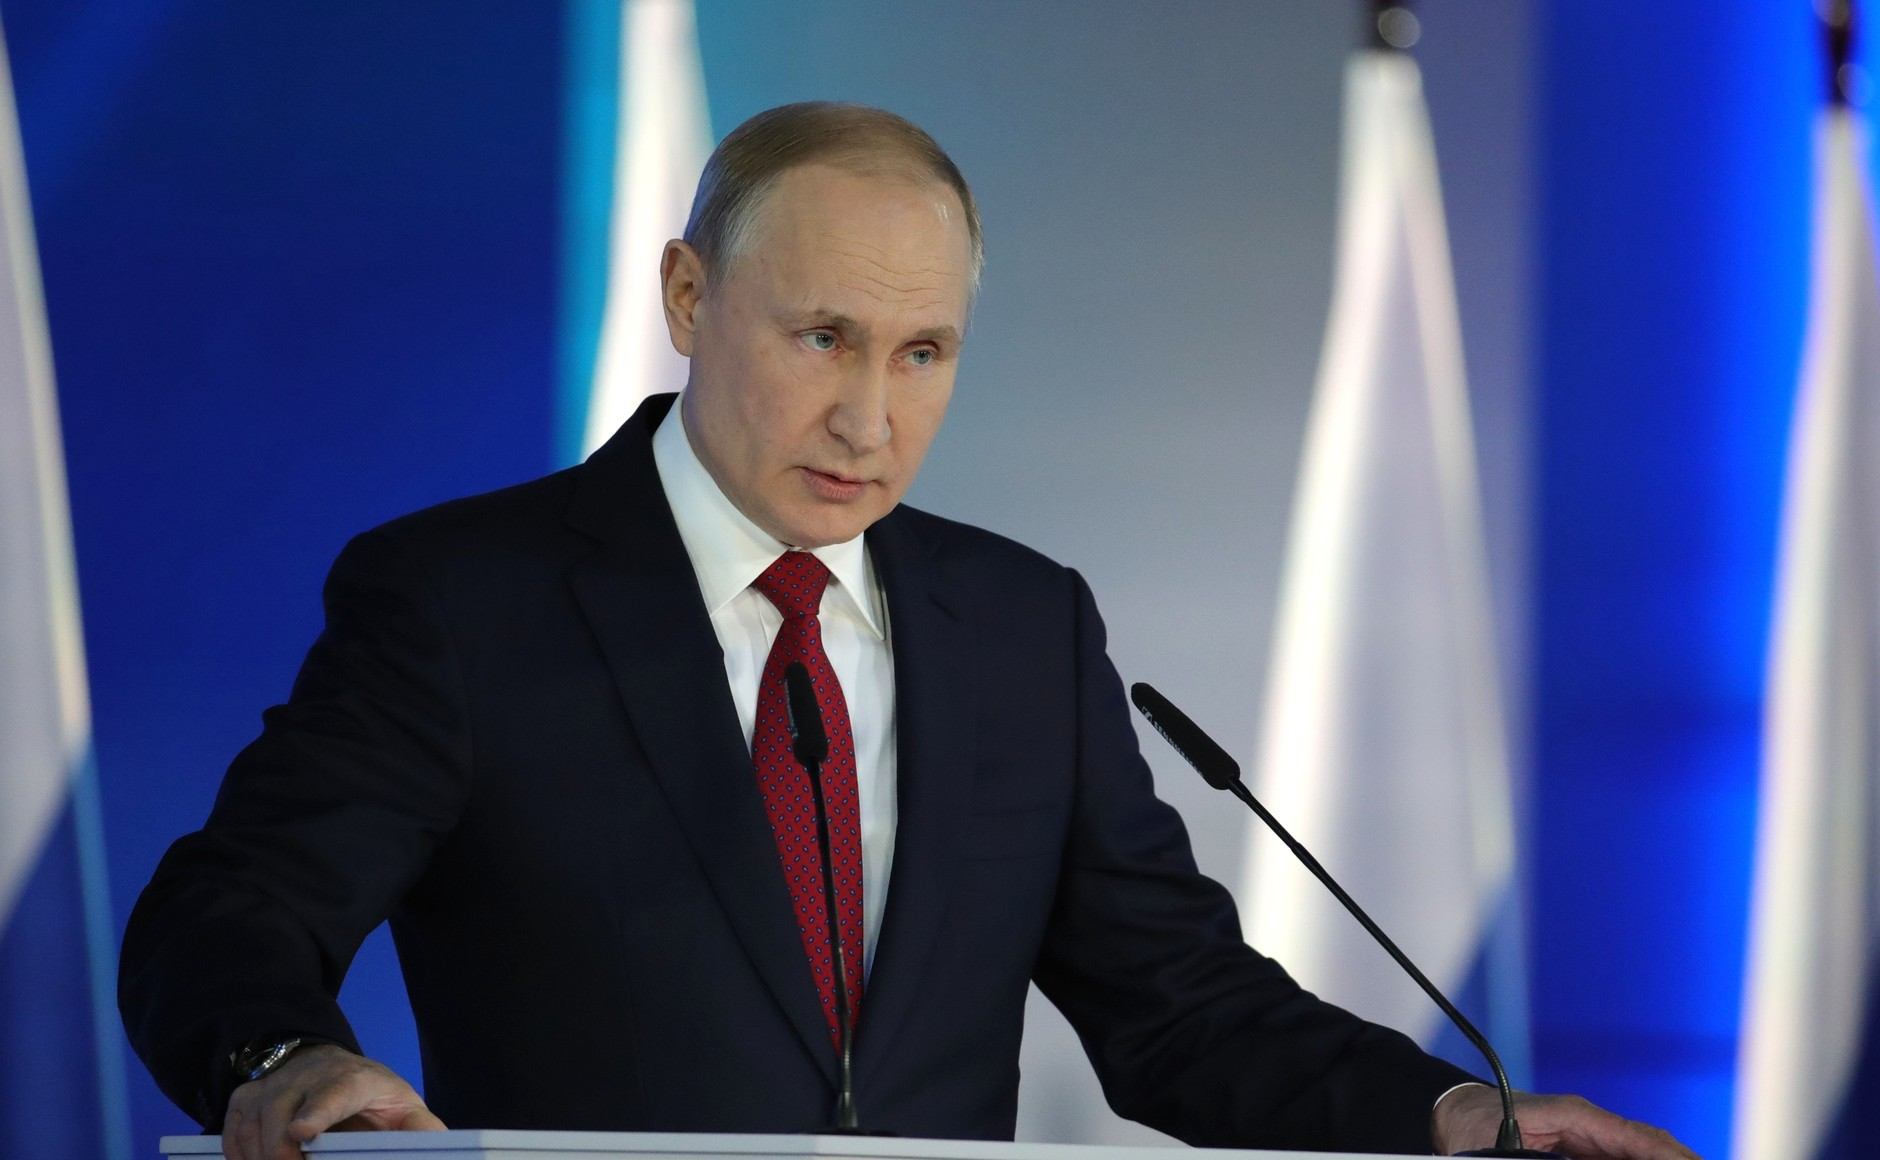 Пособия, материнский капитал и не только: что еще пообещал президент россиянам в послании Федеральному Собранию?